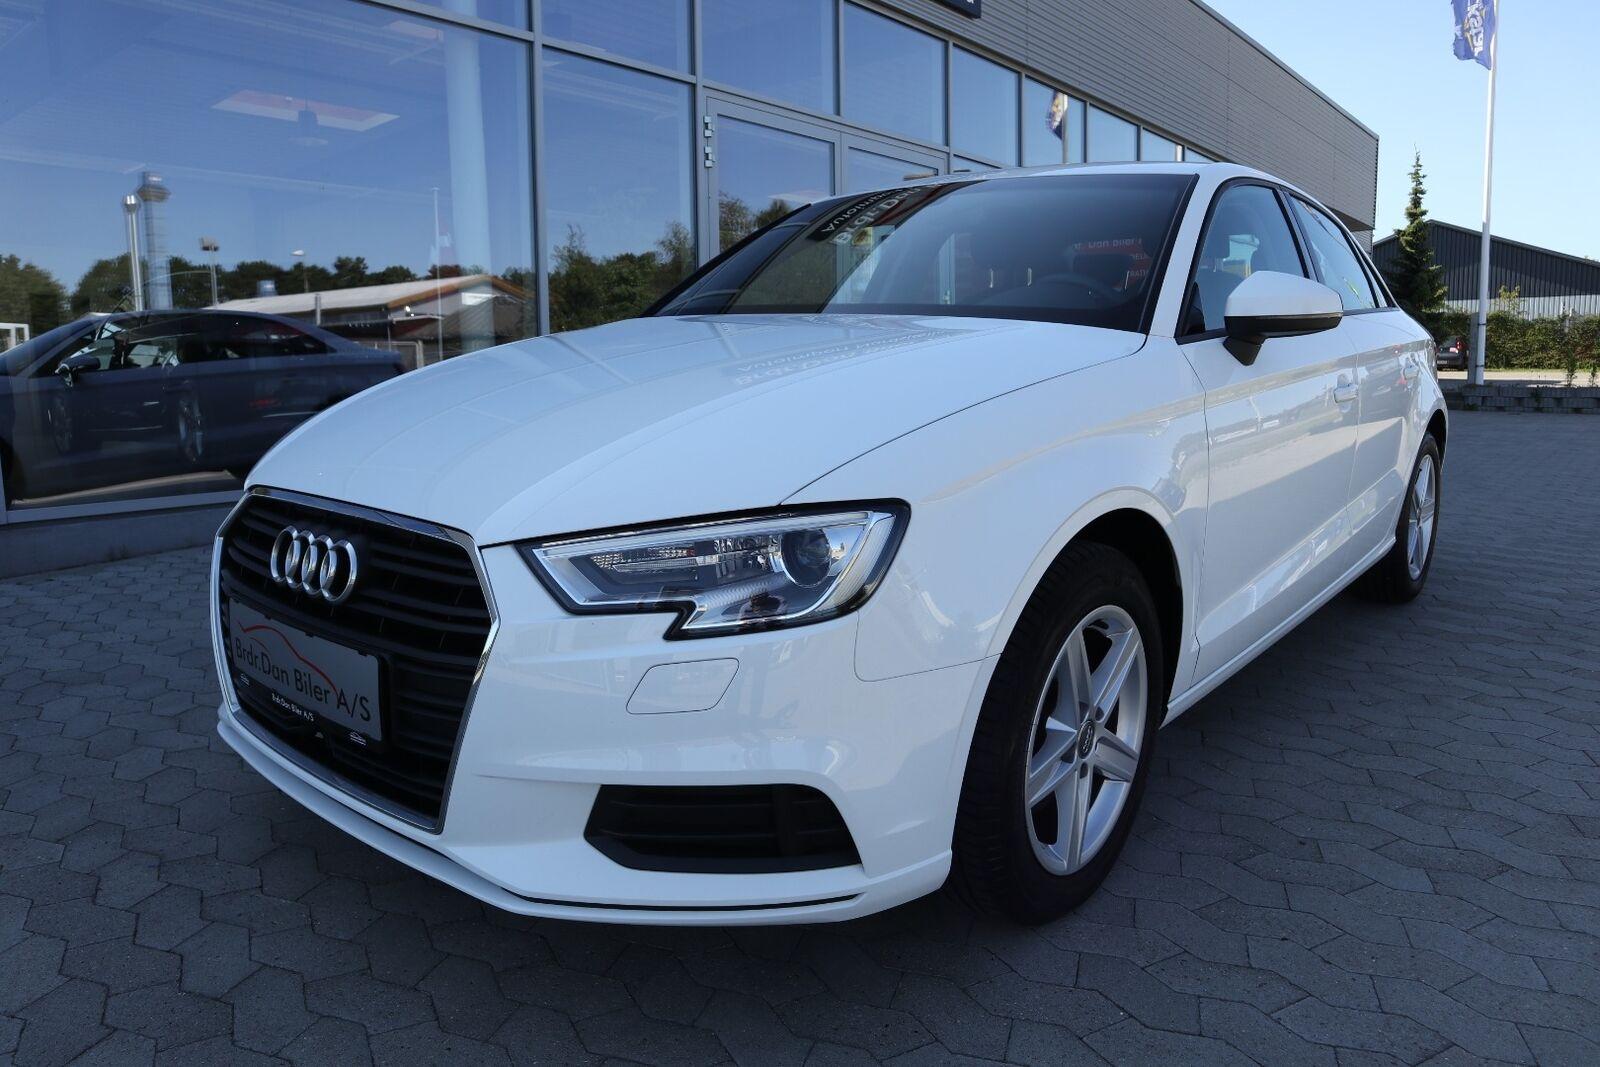 Audi A3 1,0 TFSi 116 4d - 229.800 kr.